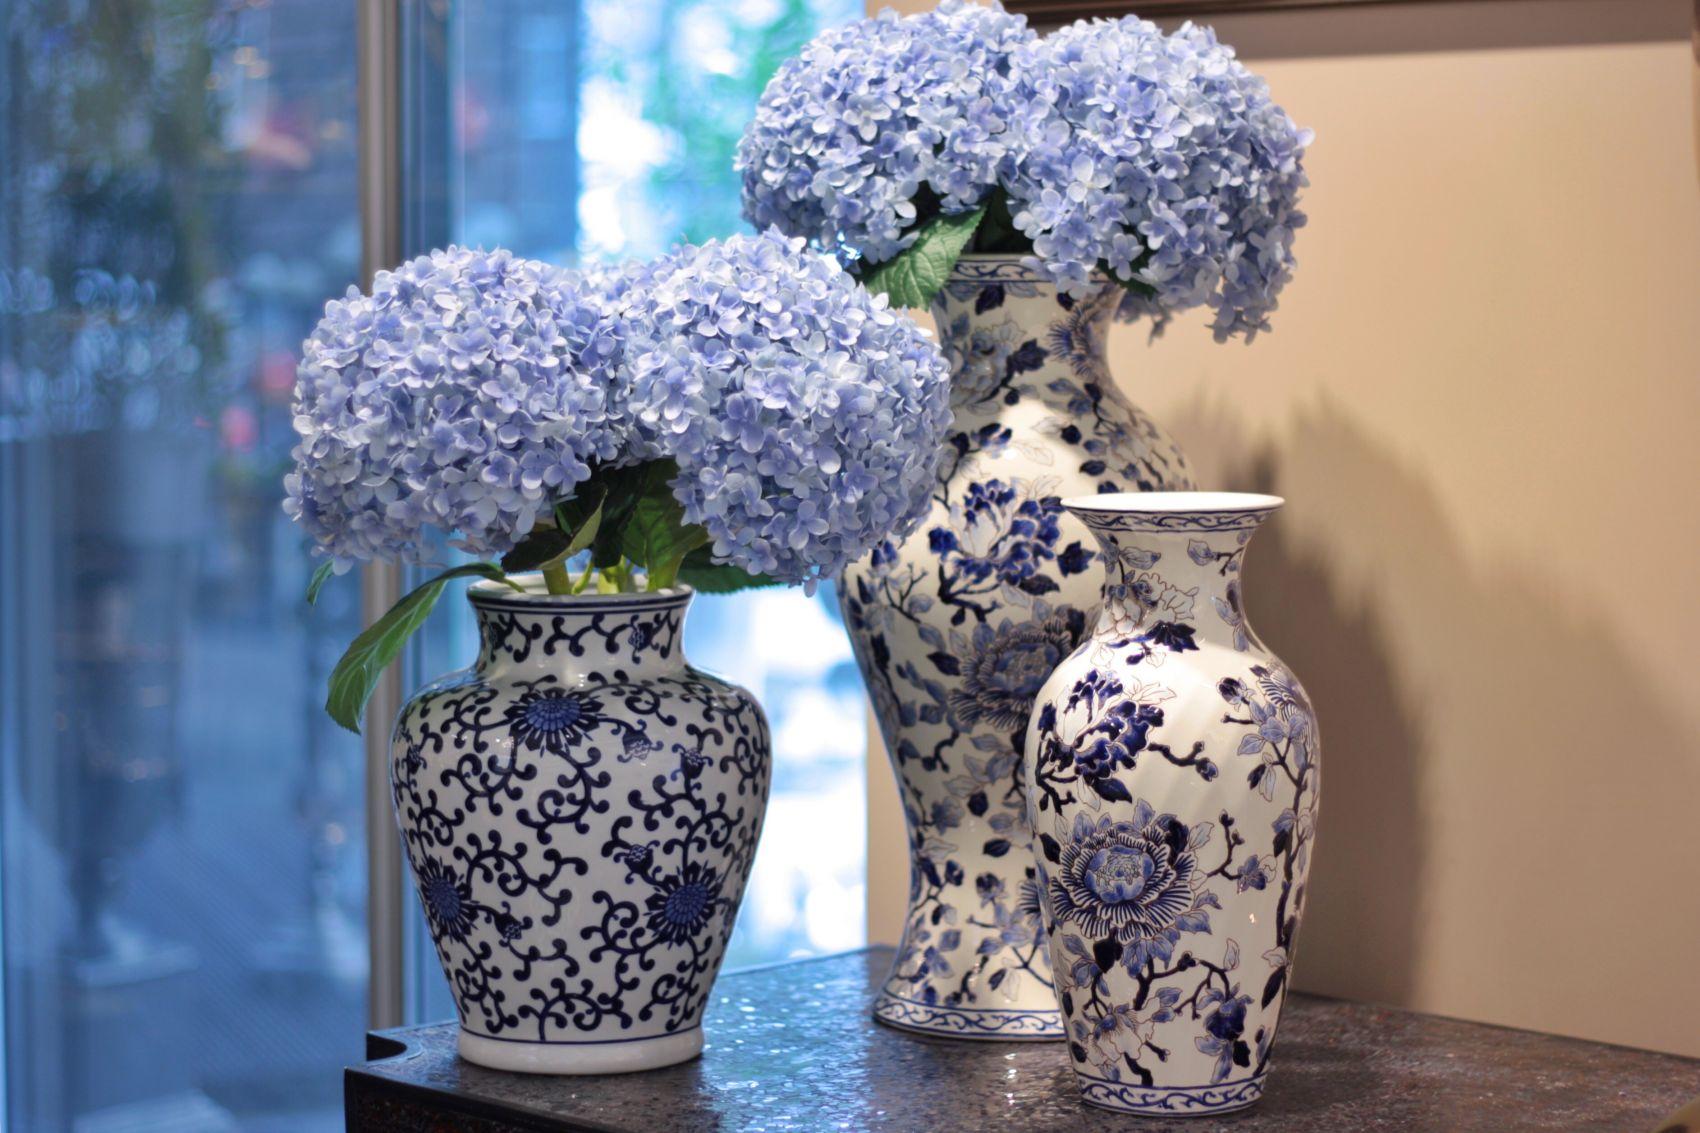 Фарфоровые вазы с цветочным узором